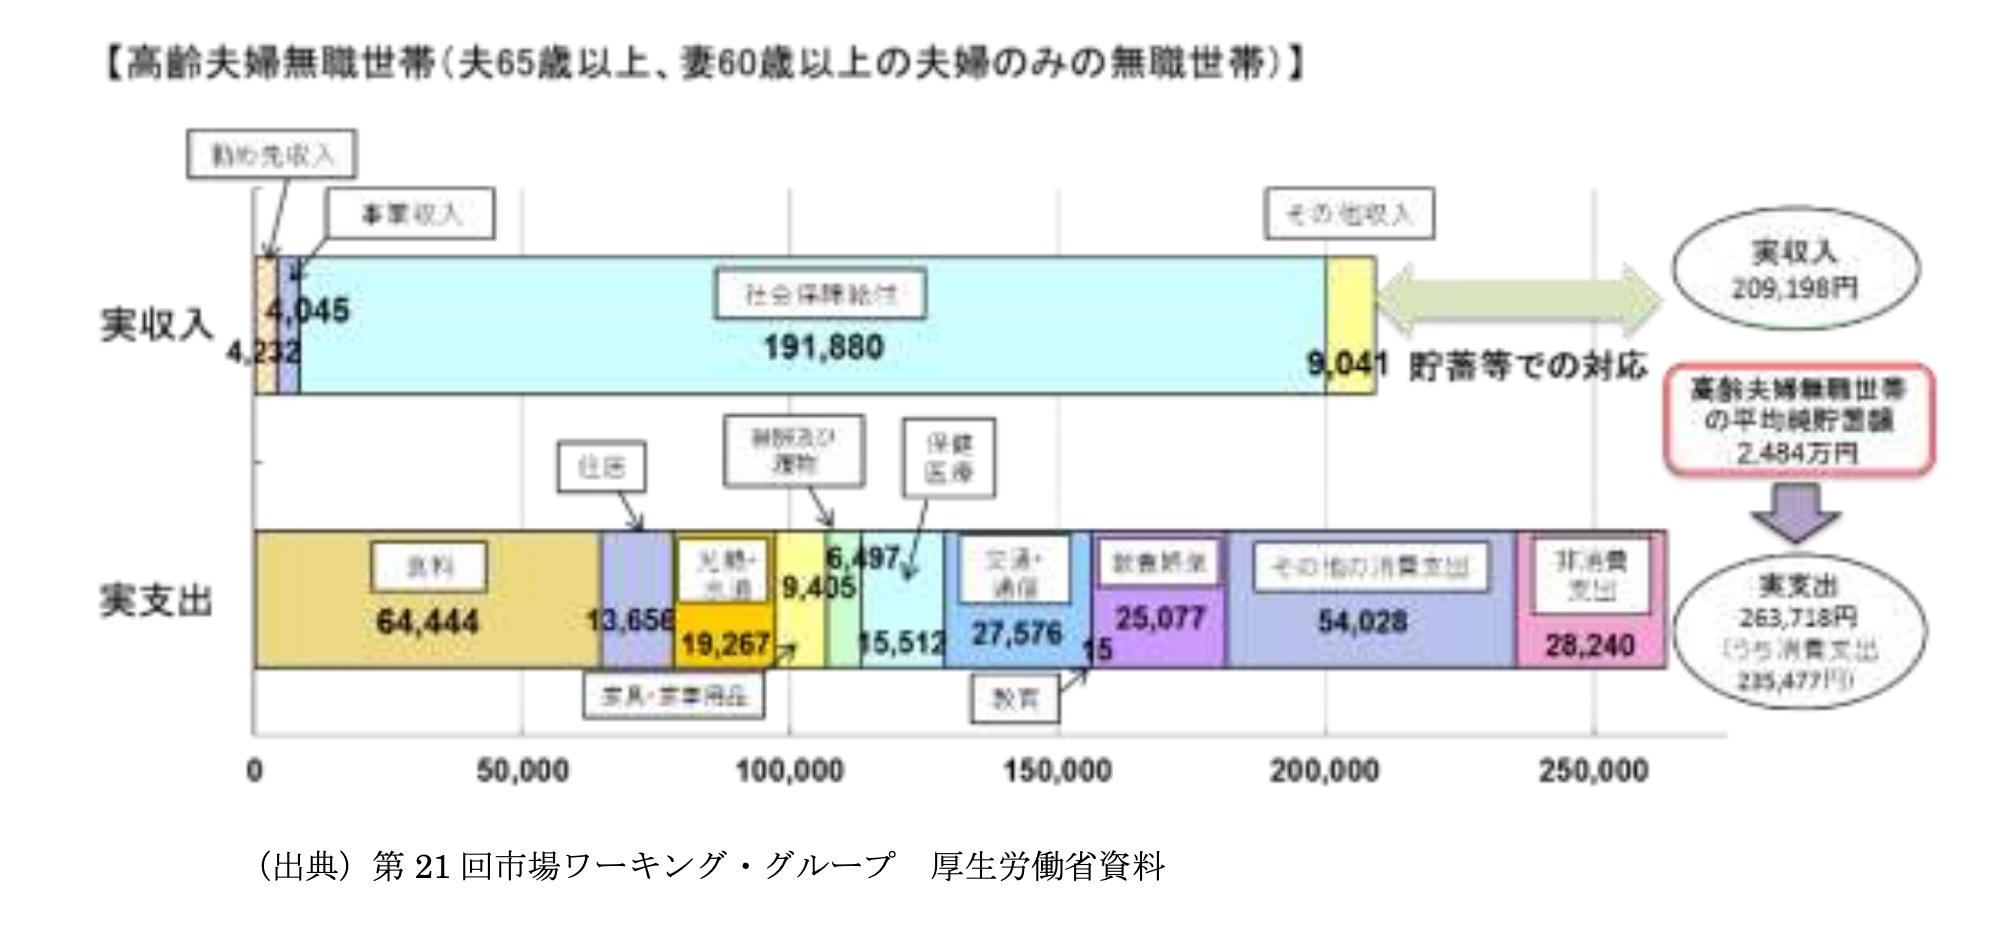 老後に何の収入もないと30年間で2500万円足りない